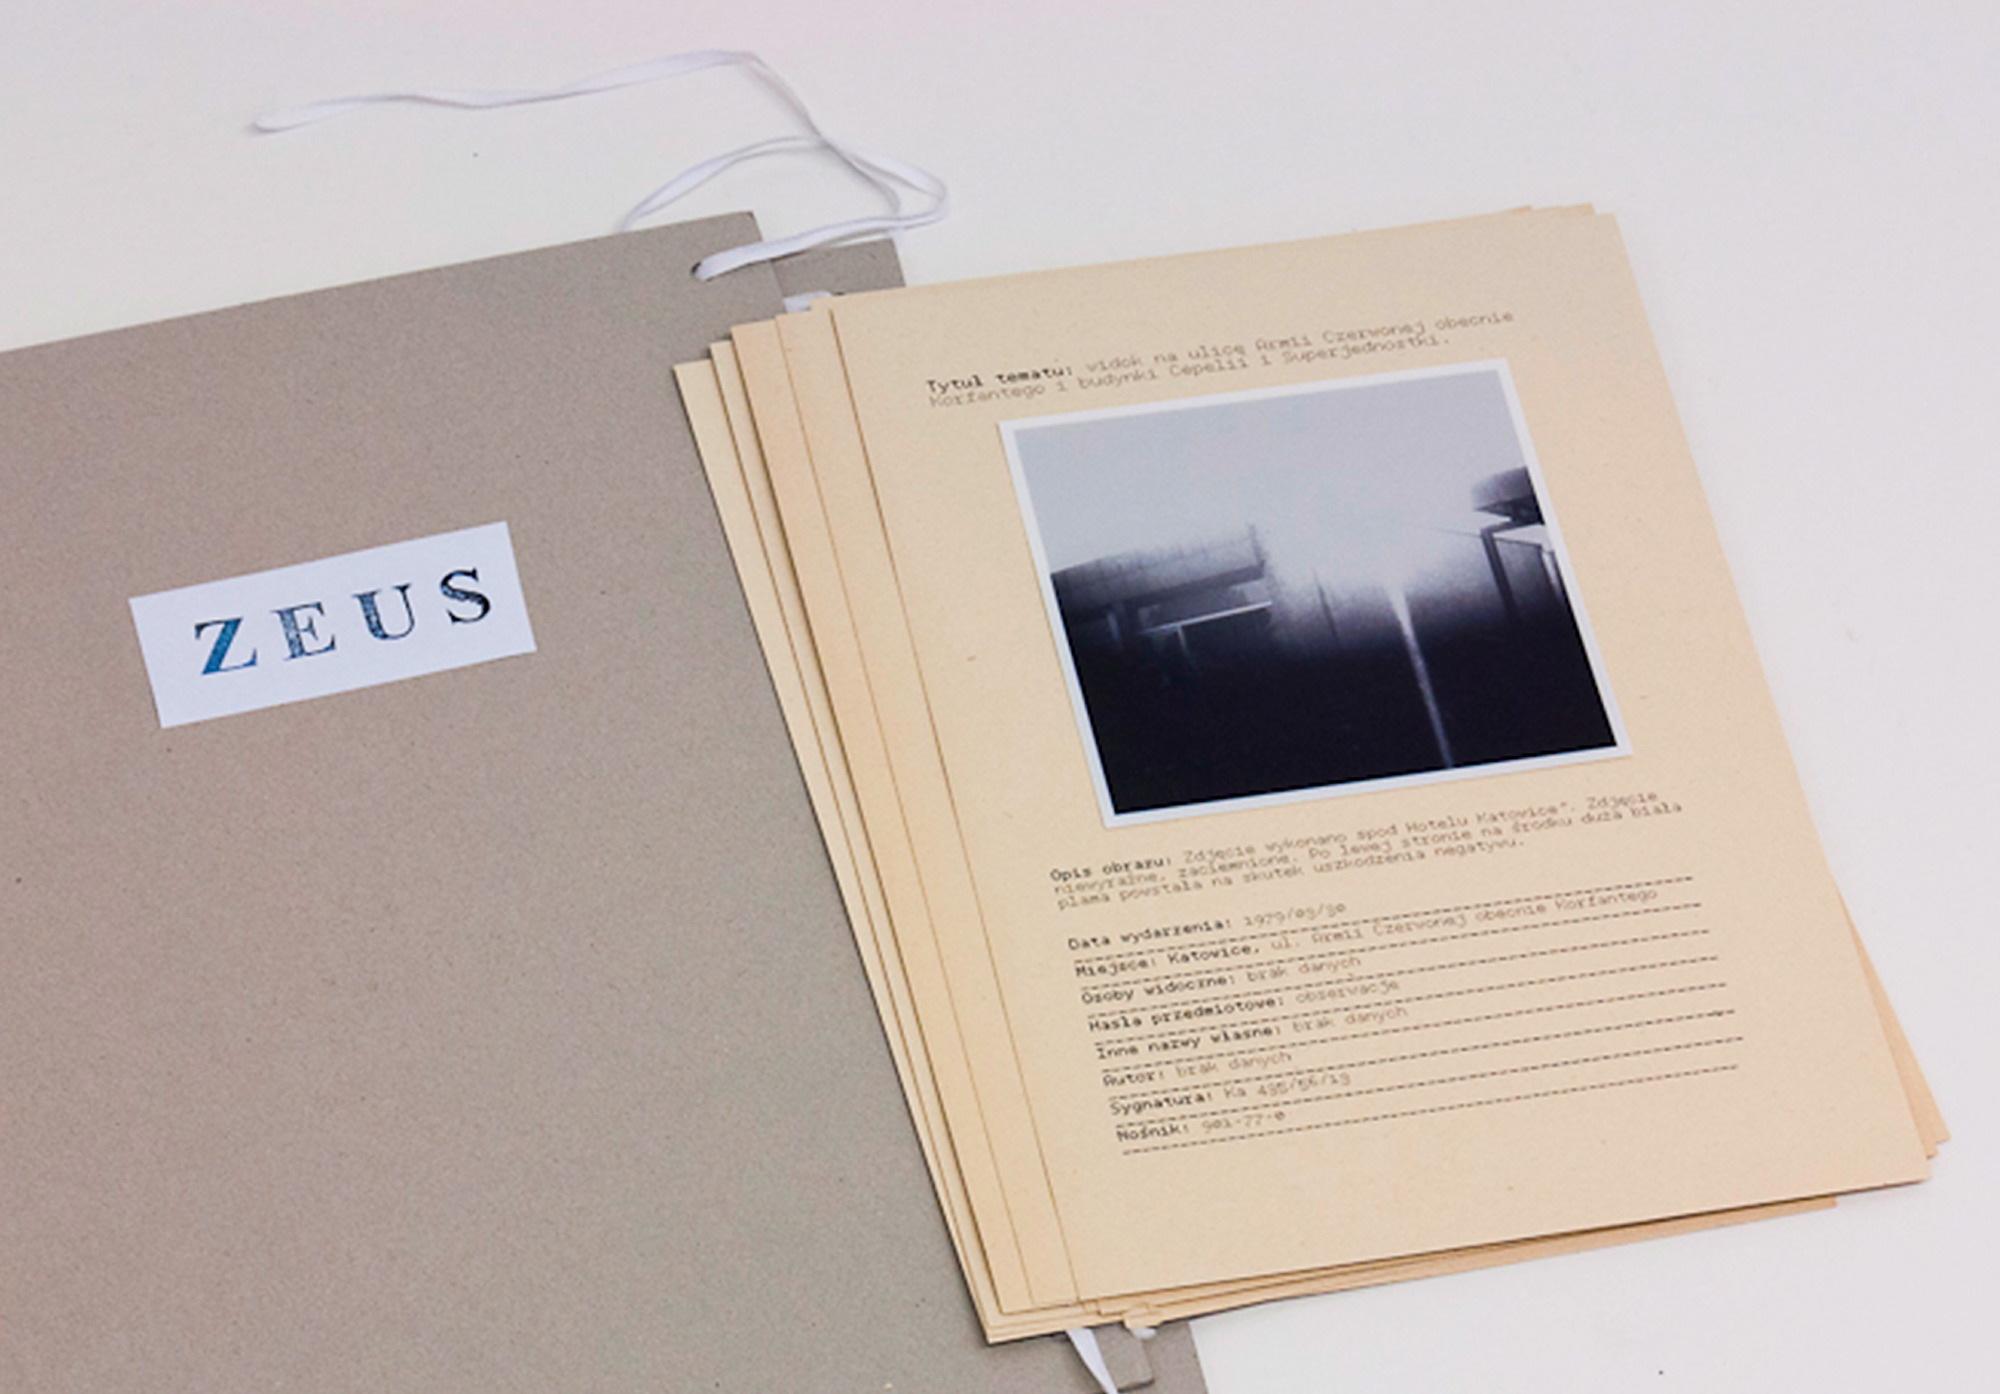 'ZEUS' technika: fotografia operacyjna wykonana wkontekście potencjalnie istotnej sytuacji/skan cyfrowy znegatywu/opis/kategoryzacja/ praca nazbiorze fot.Błażej Pindor / dzięki uprzejmości Galerii Asymetria